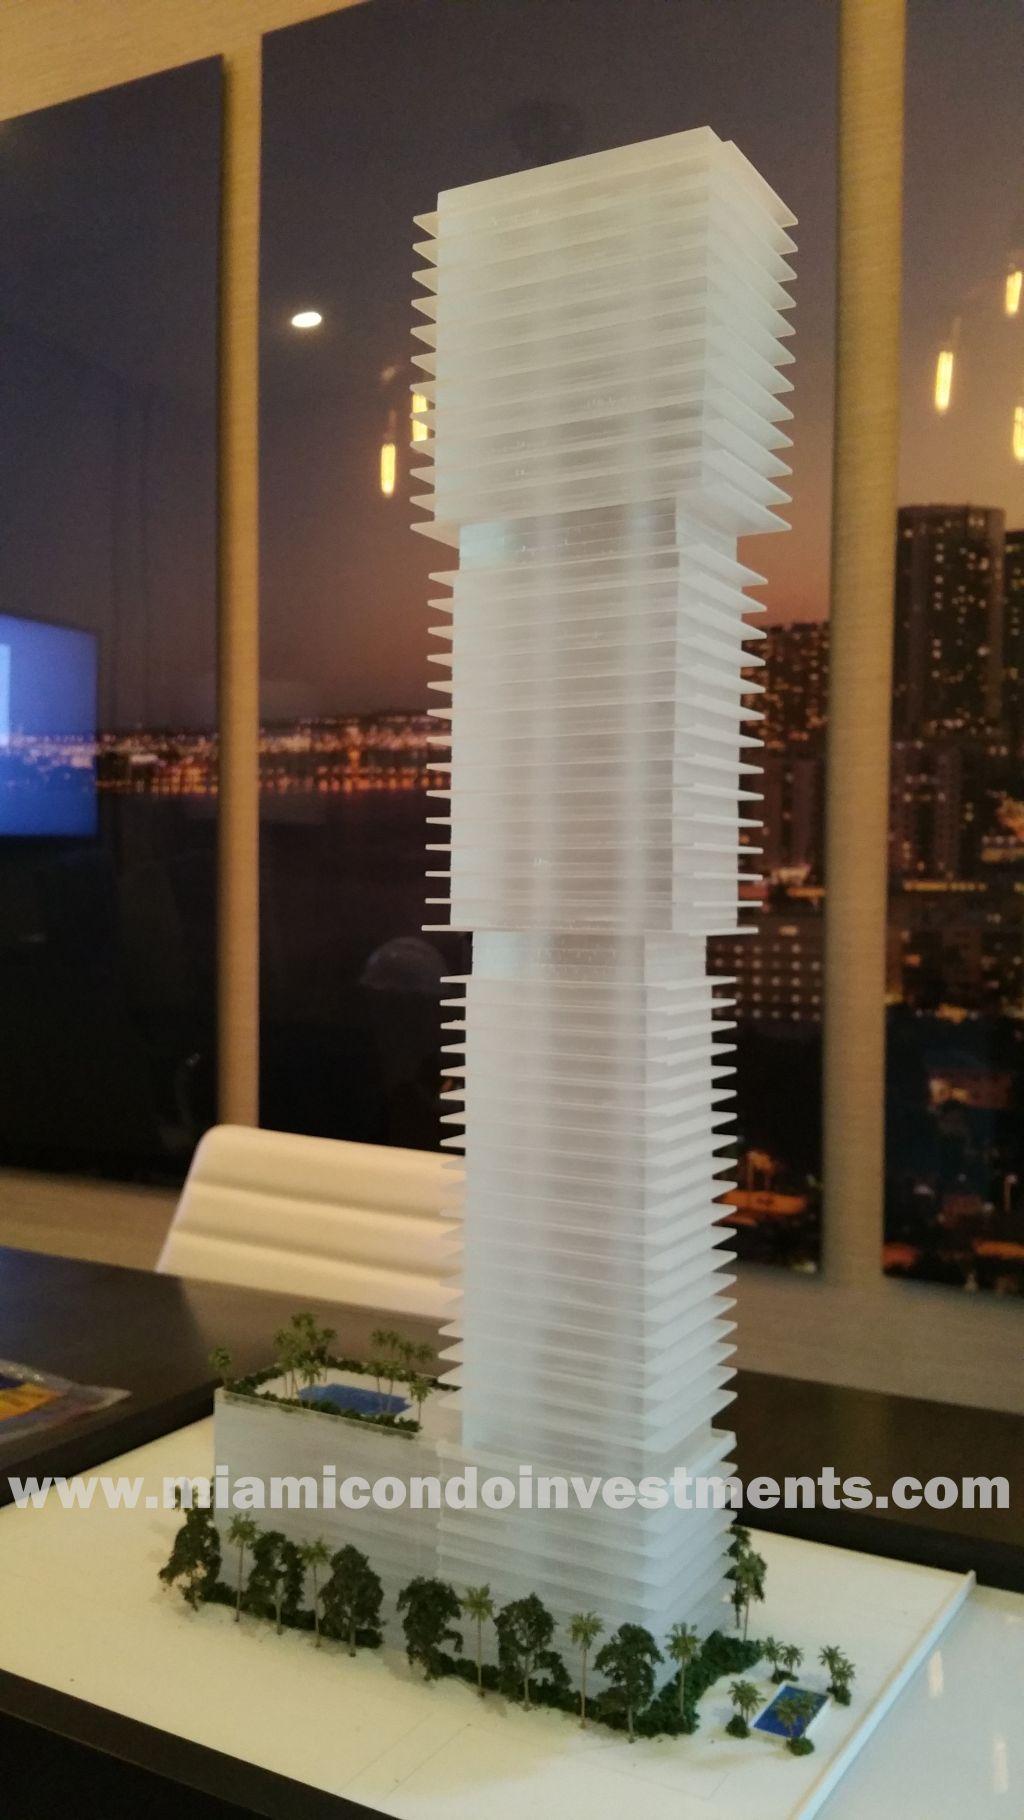 Elysee Miami Condos mini scale model